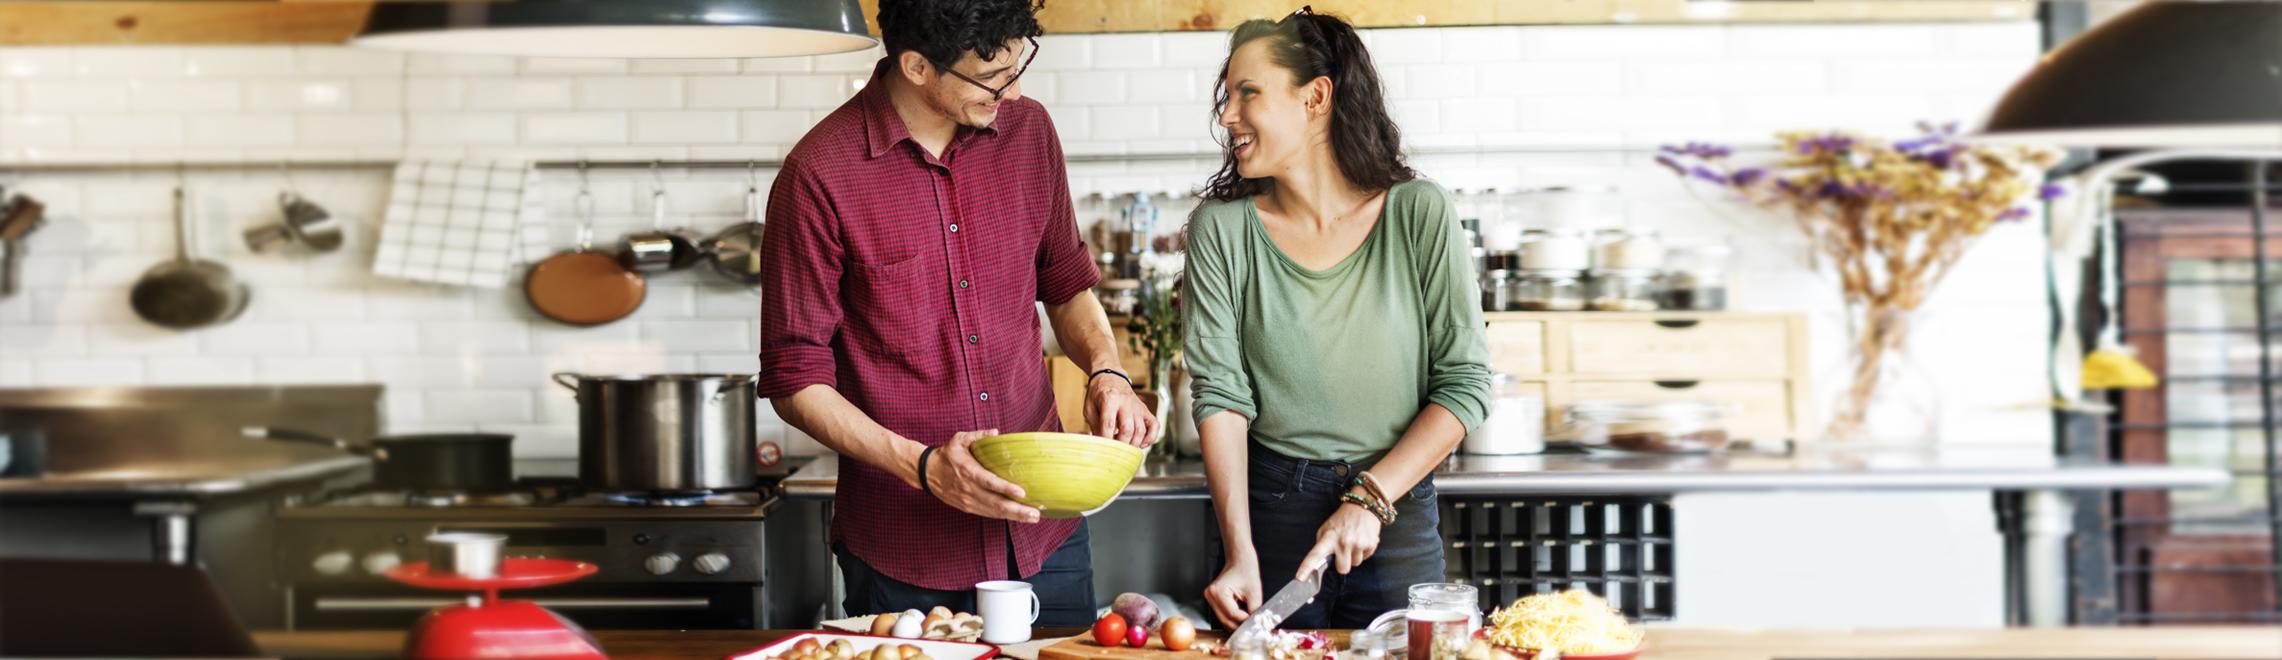 Gesunde Ernährung für alle zugänglich machen